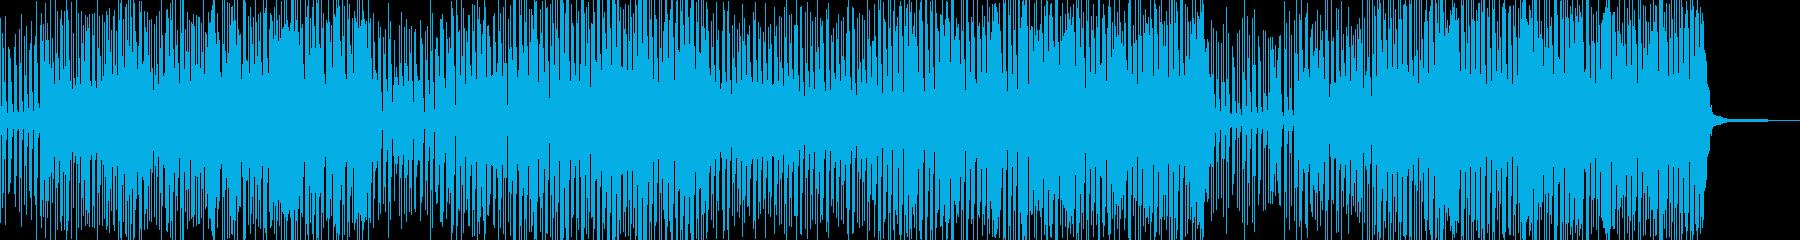 披露宴・三味線&尺八の宴ポップ 軽快の再生済みの波形